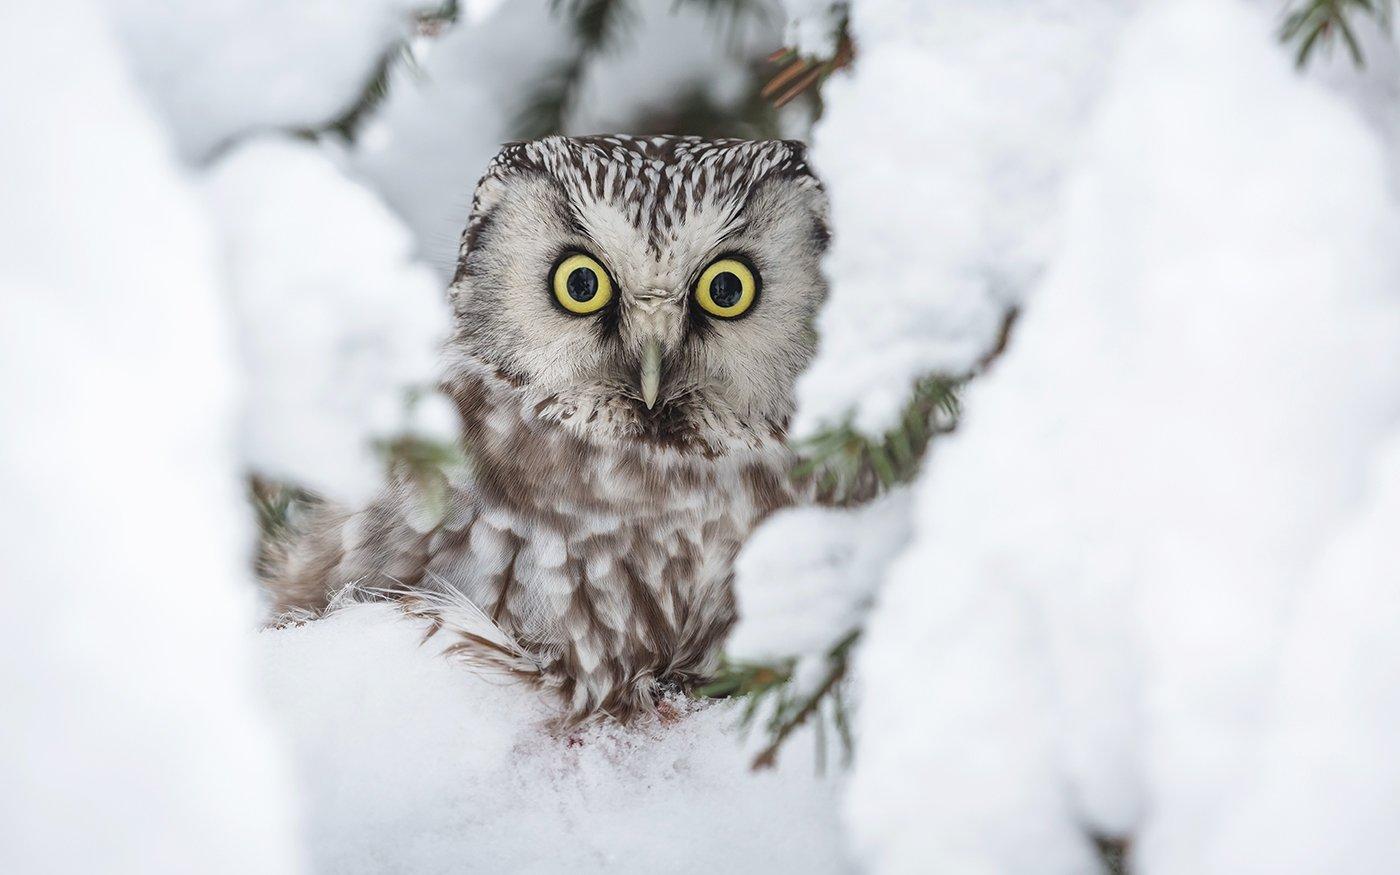 Портрет в снежной рамке. Сыч мохноногий. Dubinkin Victor